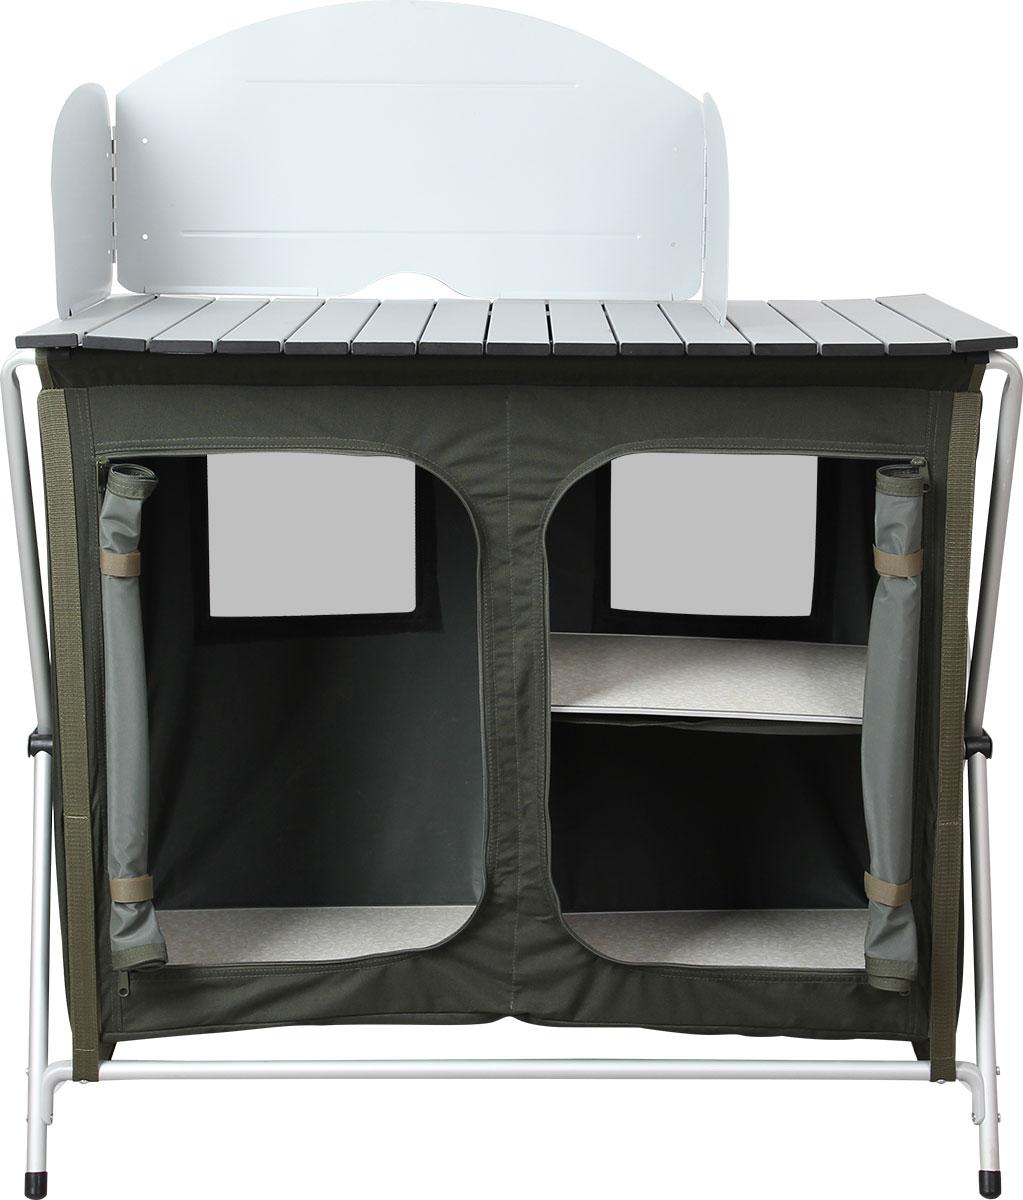 Стол складной Сплав TR - 94, кухонный24246Стол складной Сплав TR - 94 - это незаменимый предмет походной мебели, очень удобен в эксплуатации. Складной стол выполнен из алюминия и пластика. Два внутренних отсека для хранения посуды и еды, выполненные из полиэстера, закрываются на молнию. На задней стенке имеется окно из сетки для вентиляции. В комплект входят промежуточные полки из МДФ, ветрозащитный экран и удобный чехол для переноски. Стол легко собирается и разбирается, не занимает много места, поэтому подходит для транспортировки и хранения дома. Складной стол прекрасно подойдет для комфортного отдыха на даче или в походе.Вес стола: 7,4 кг.Максимальная нагрузка: 30 кг.Размер в собранном виде: 87 х 50 х 80 см.Размер в упаковке: 90 х 50 х 10 см.Каркас выполнен из алюминиевой трубы диаметром 19 мм.Столешница выполнена из алюминиевых планок размером 55 х 11 мм.